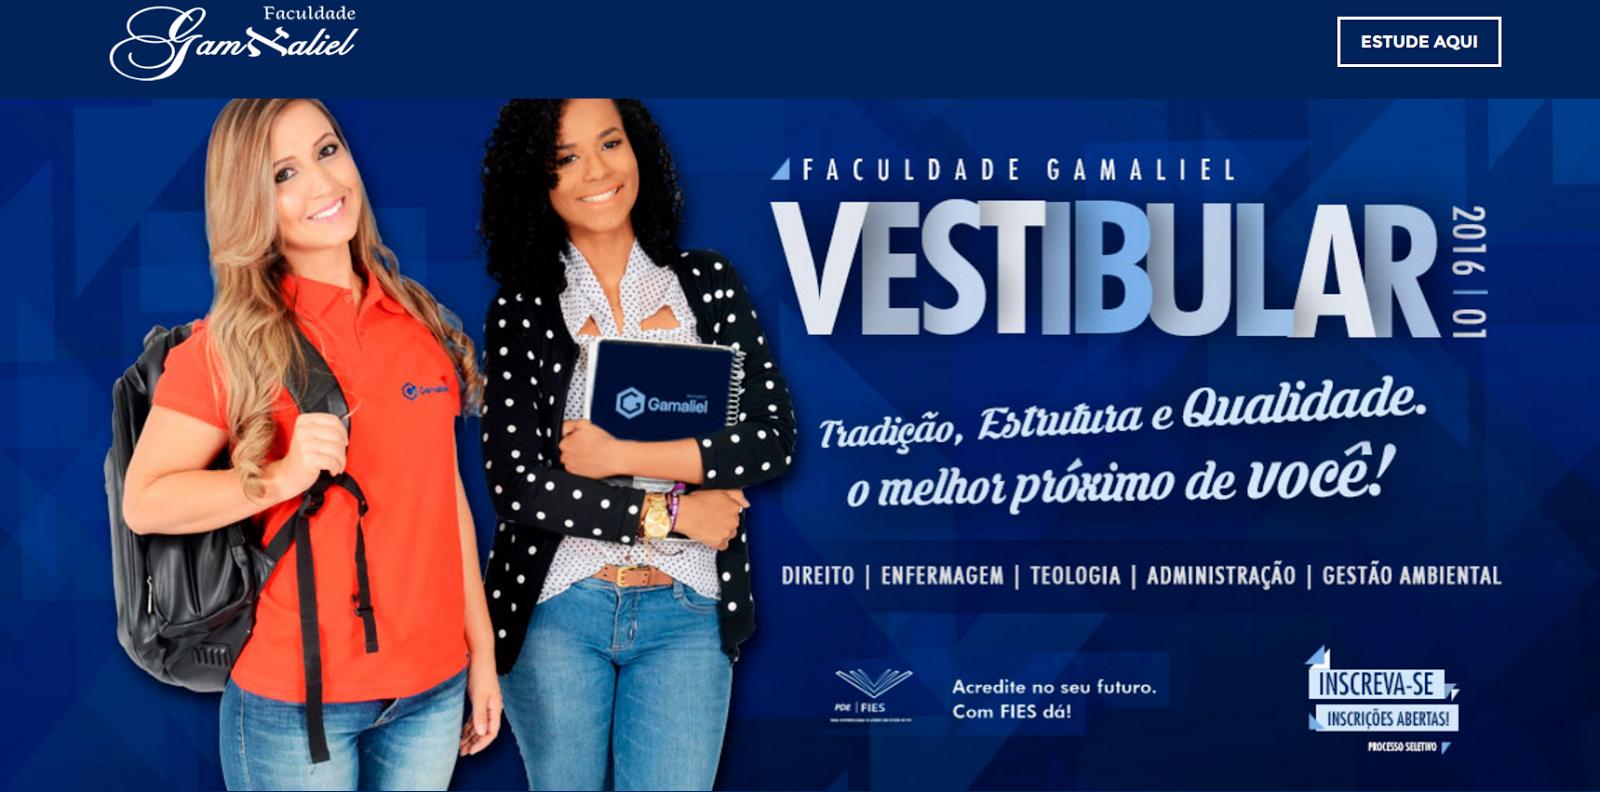 Vestibular/2016: Faculdade Gamaliel realizará no próximo dia 29 processo seletivo para os Cursos de